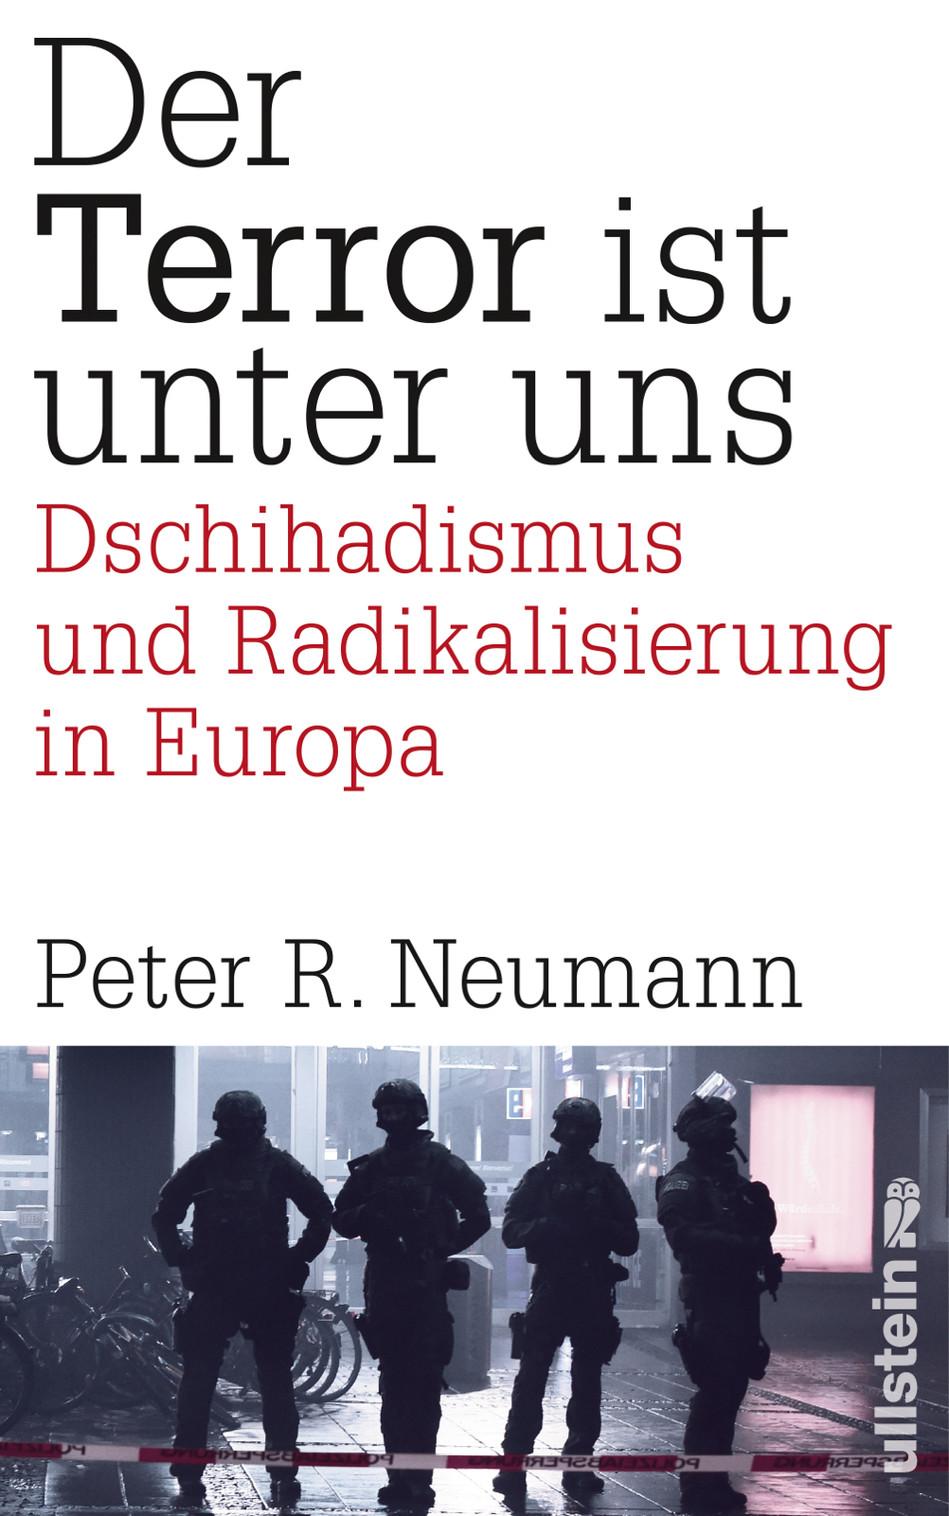 Peter R. Neumann: Der Terror ist unter uns. Dschihadismus und Radikalisierung in Europa. Ullstein 2016, 297 s.